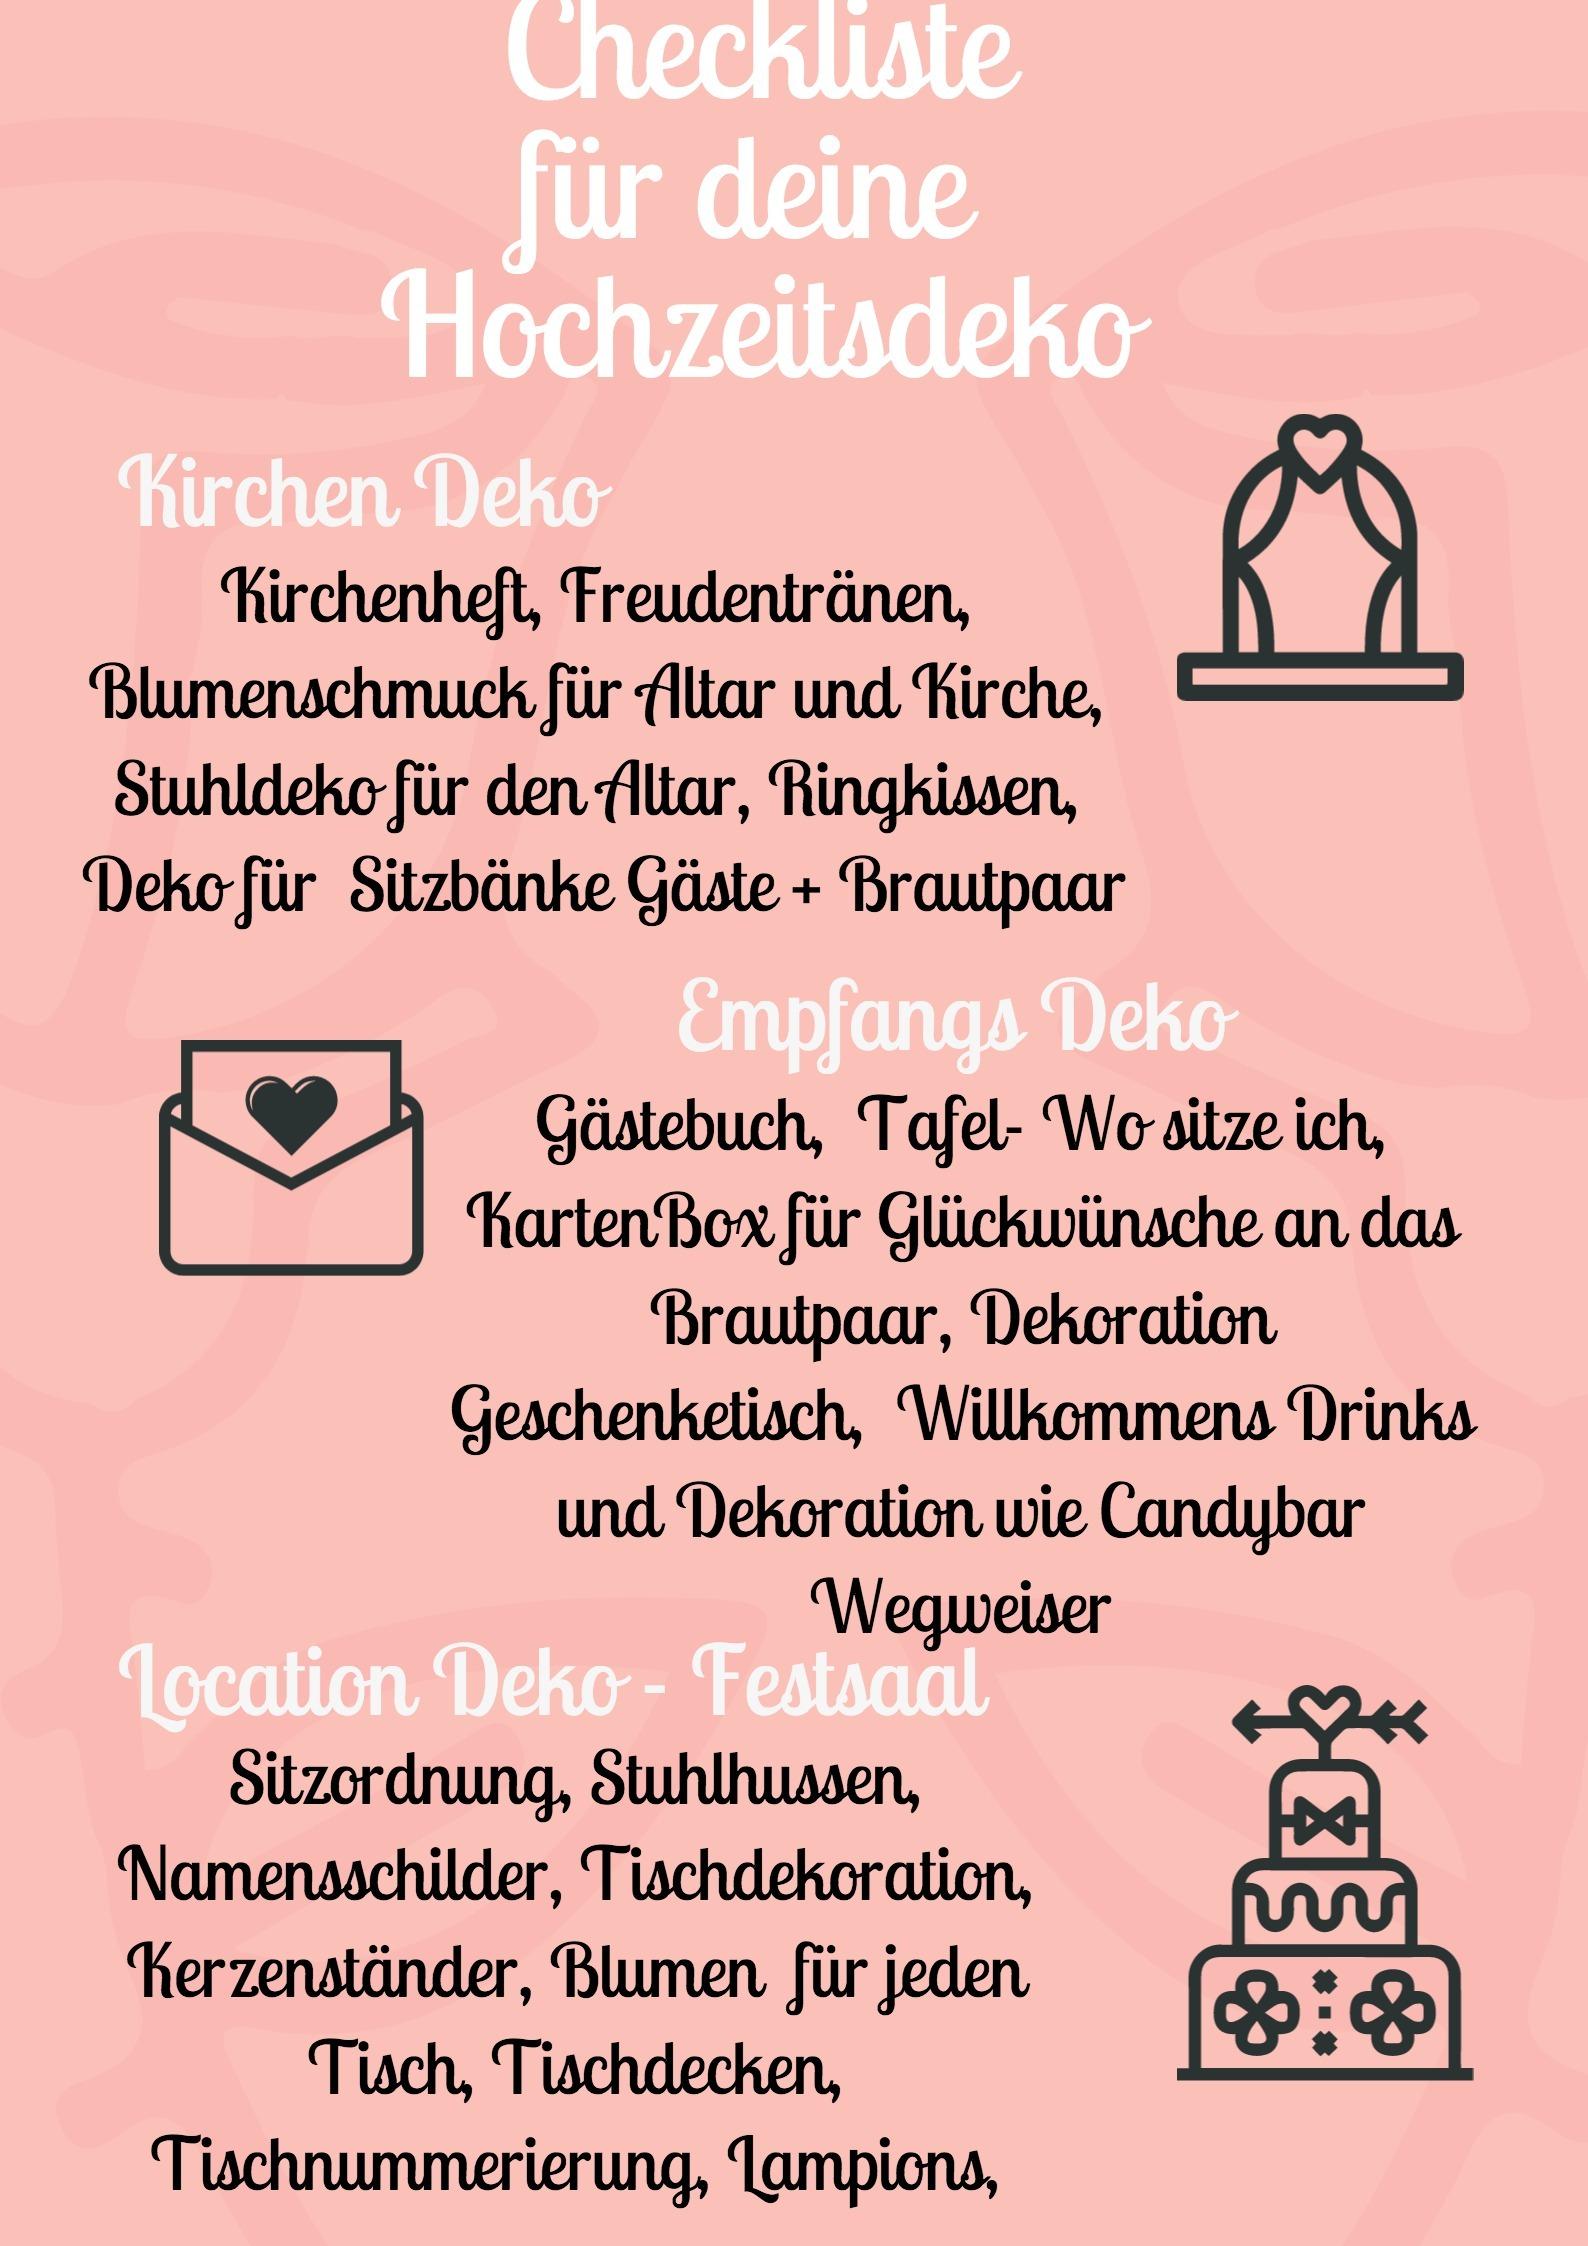 Checkliste-Hochzeitsdeko